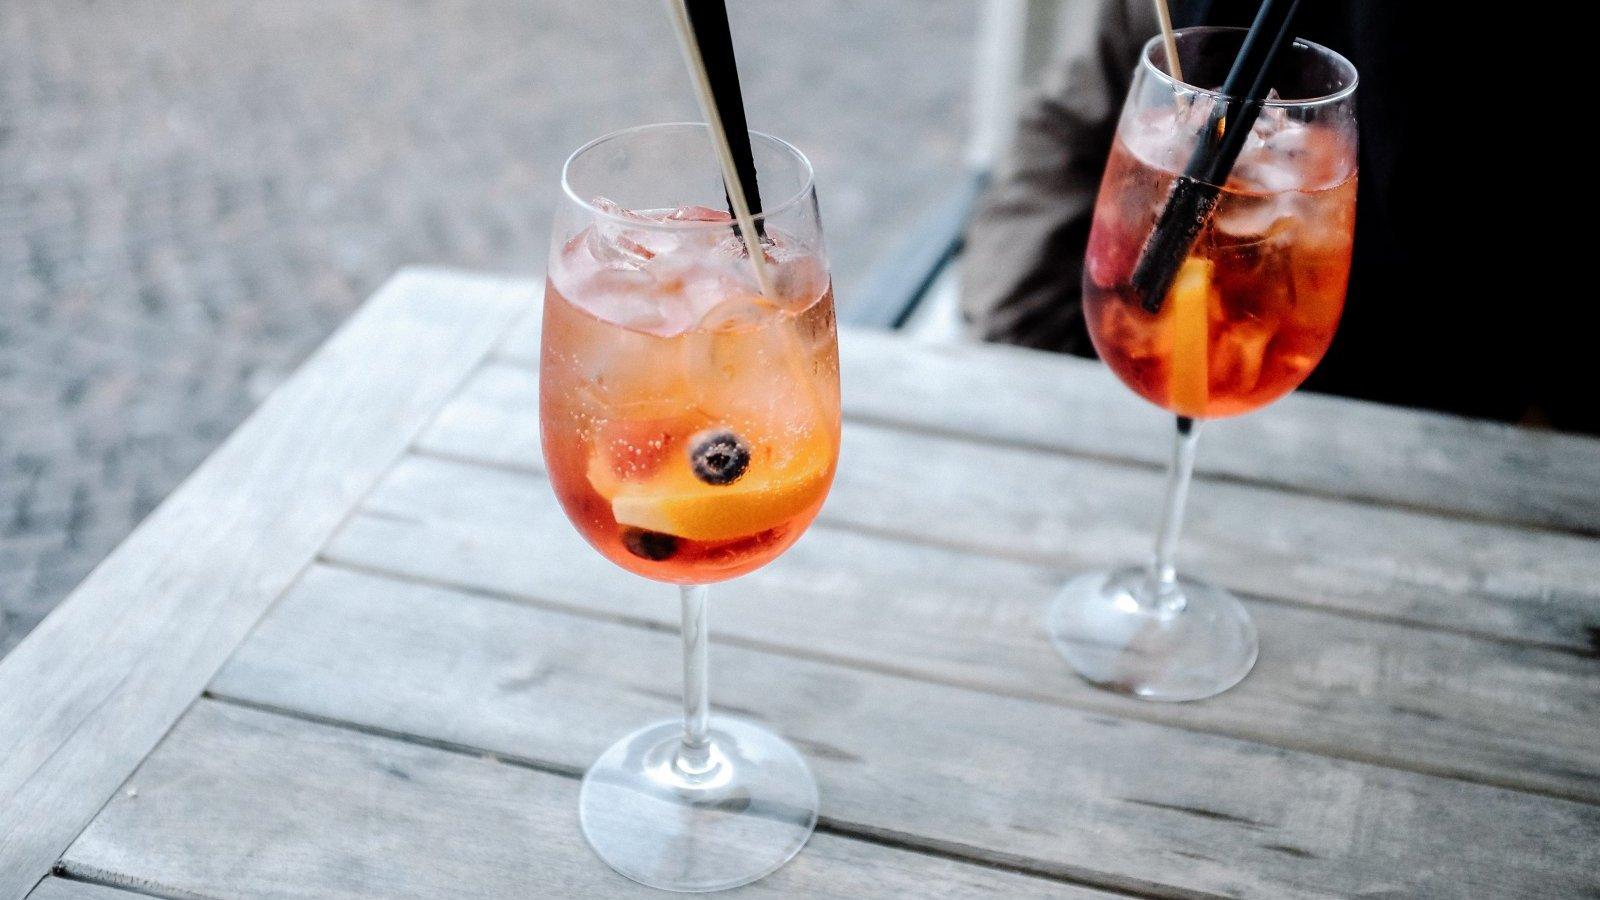 Añadir fruta en la copa es una buena forma de decorar y dar sabor.